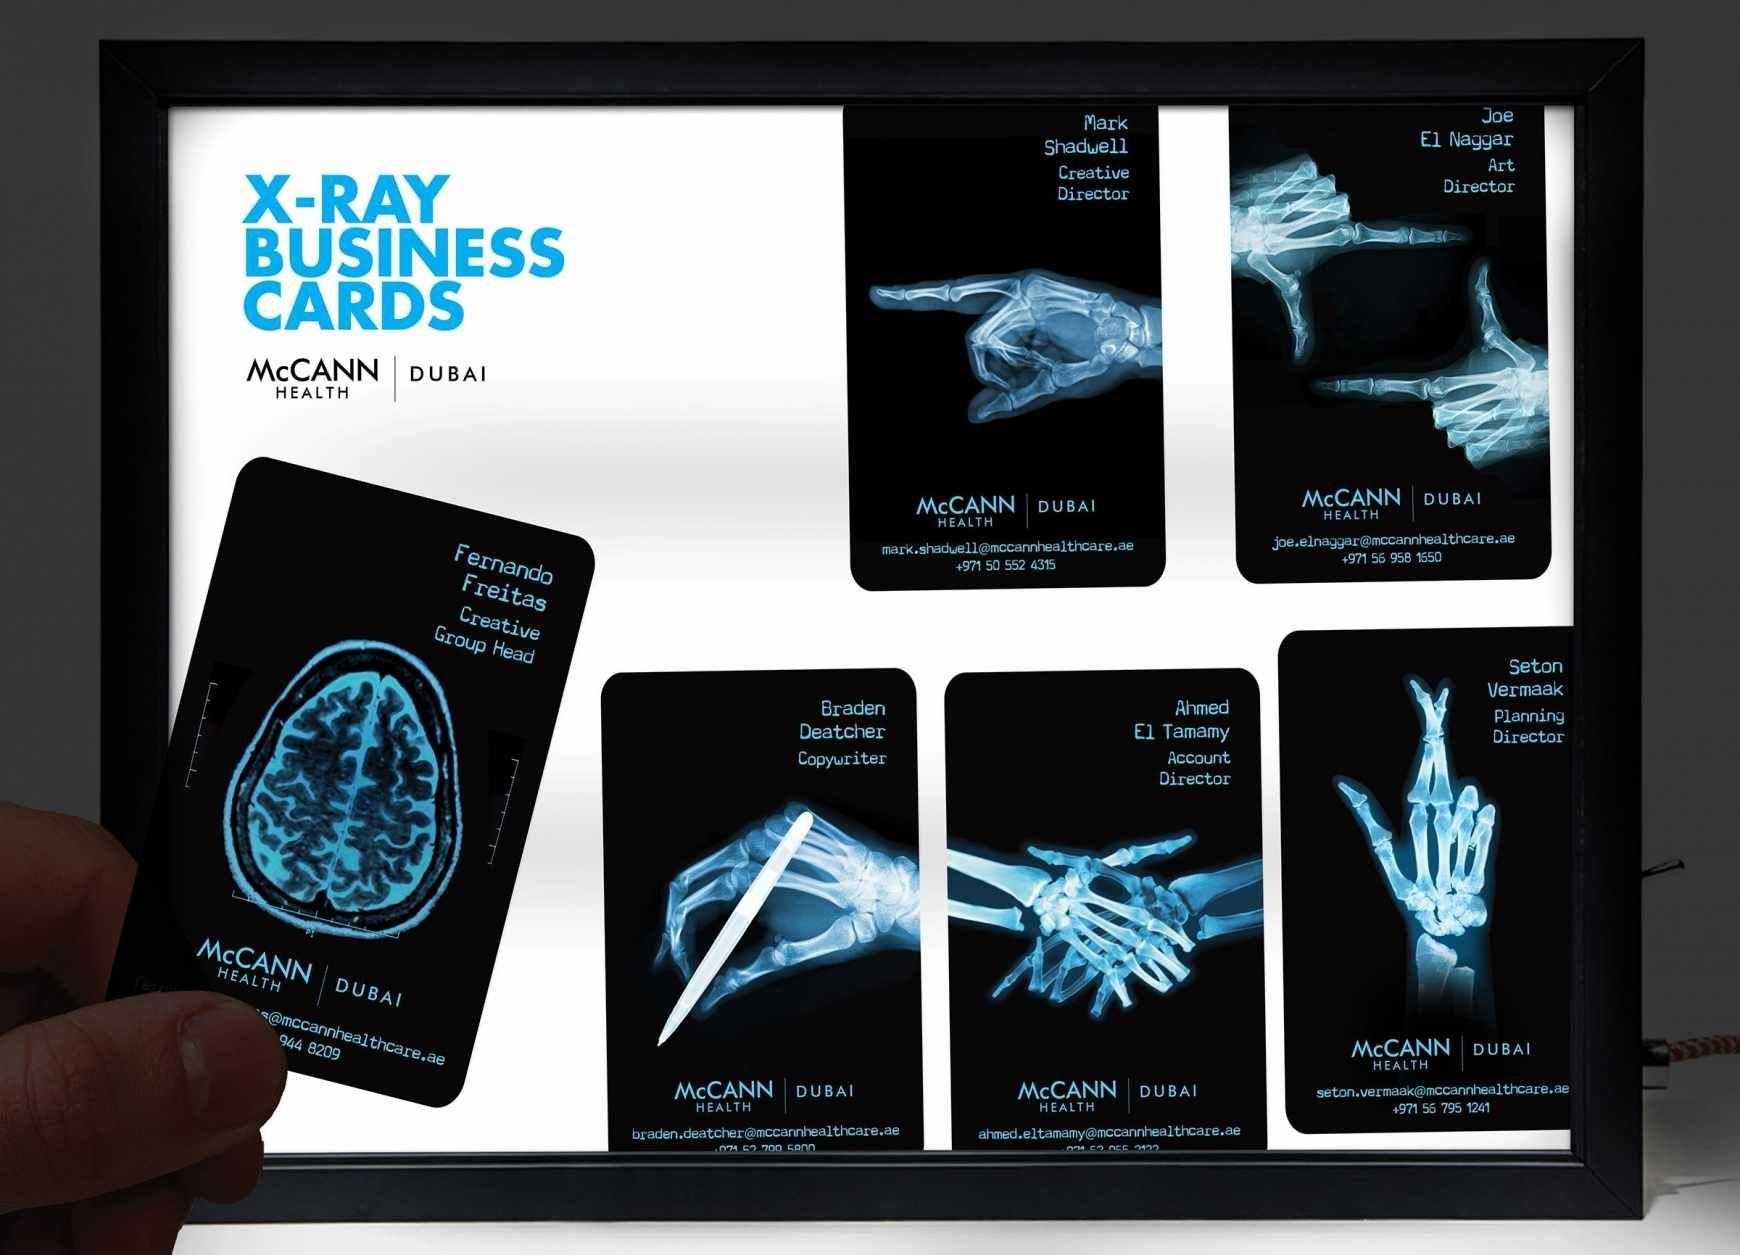 Mccann health dubai x ray business cards business cards mccann health dubai x ray business cards reheart Gallery